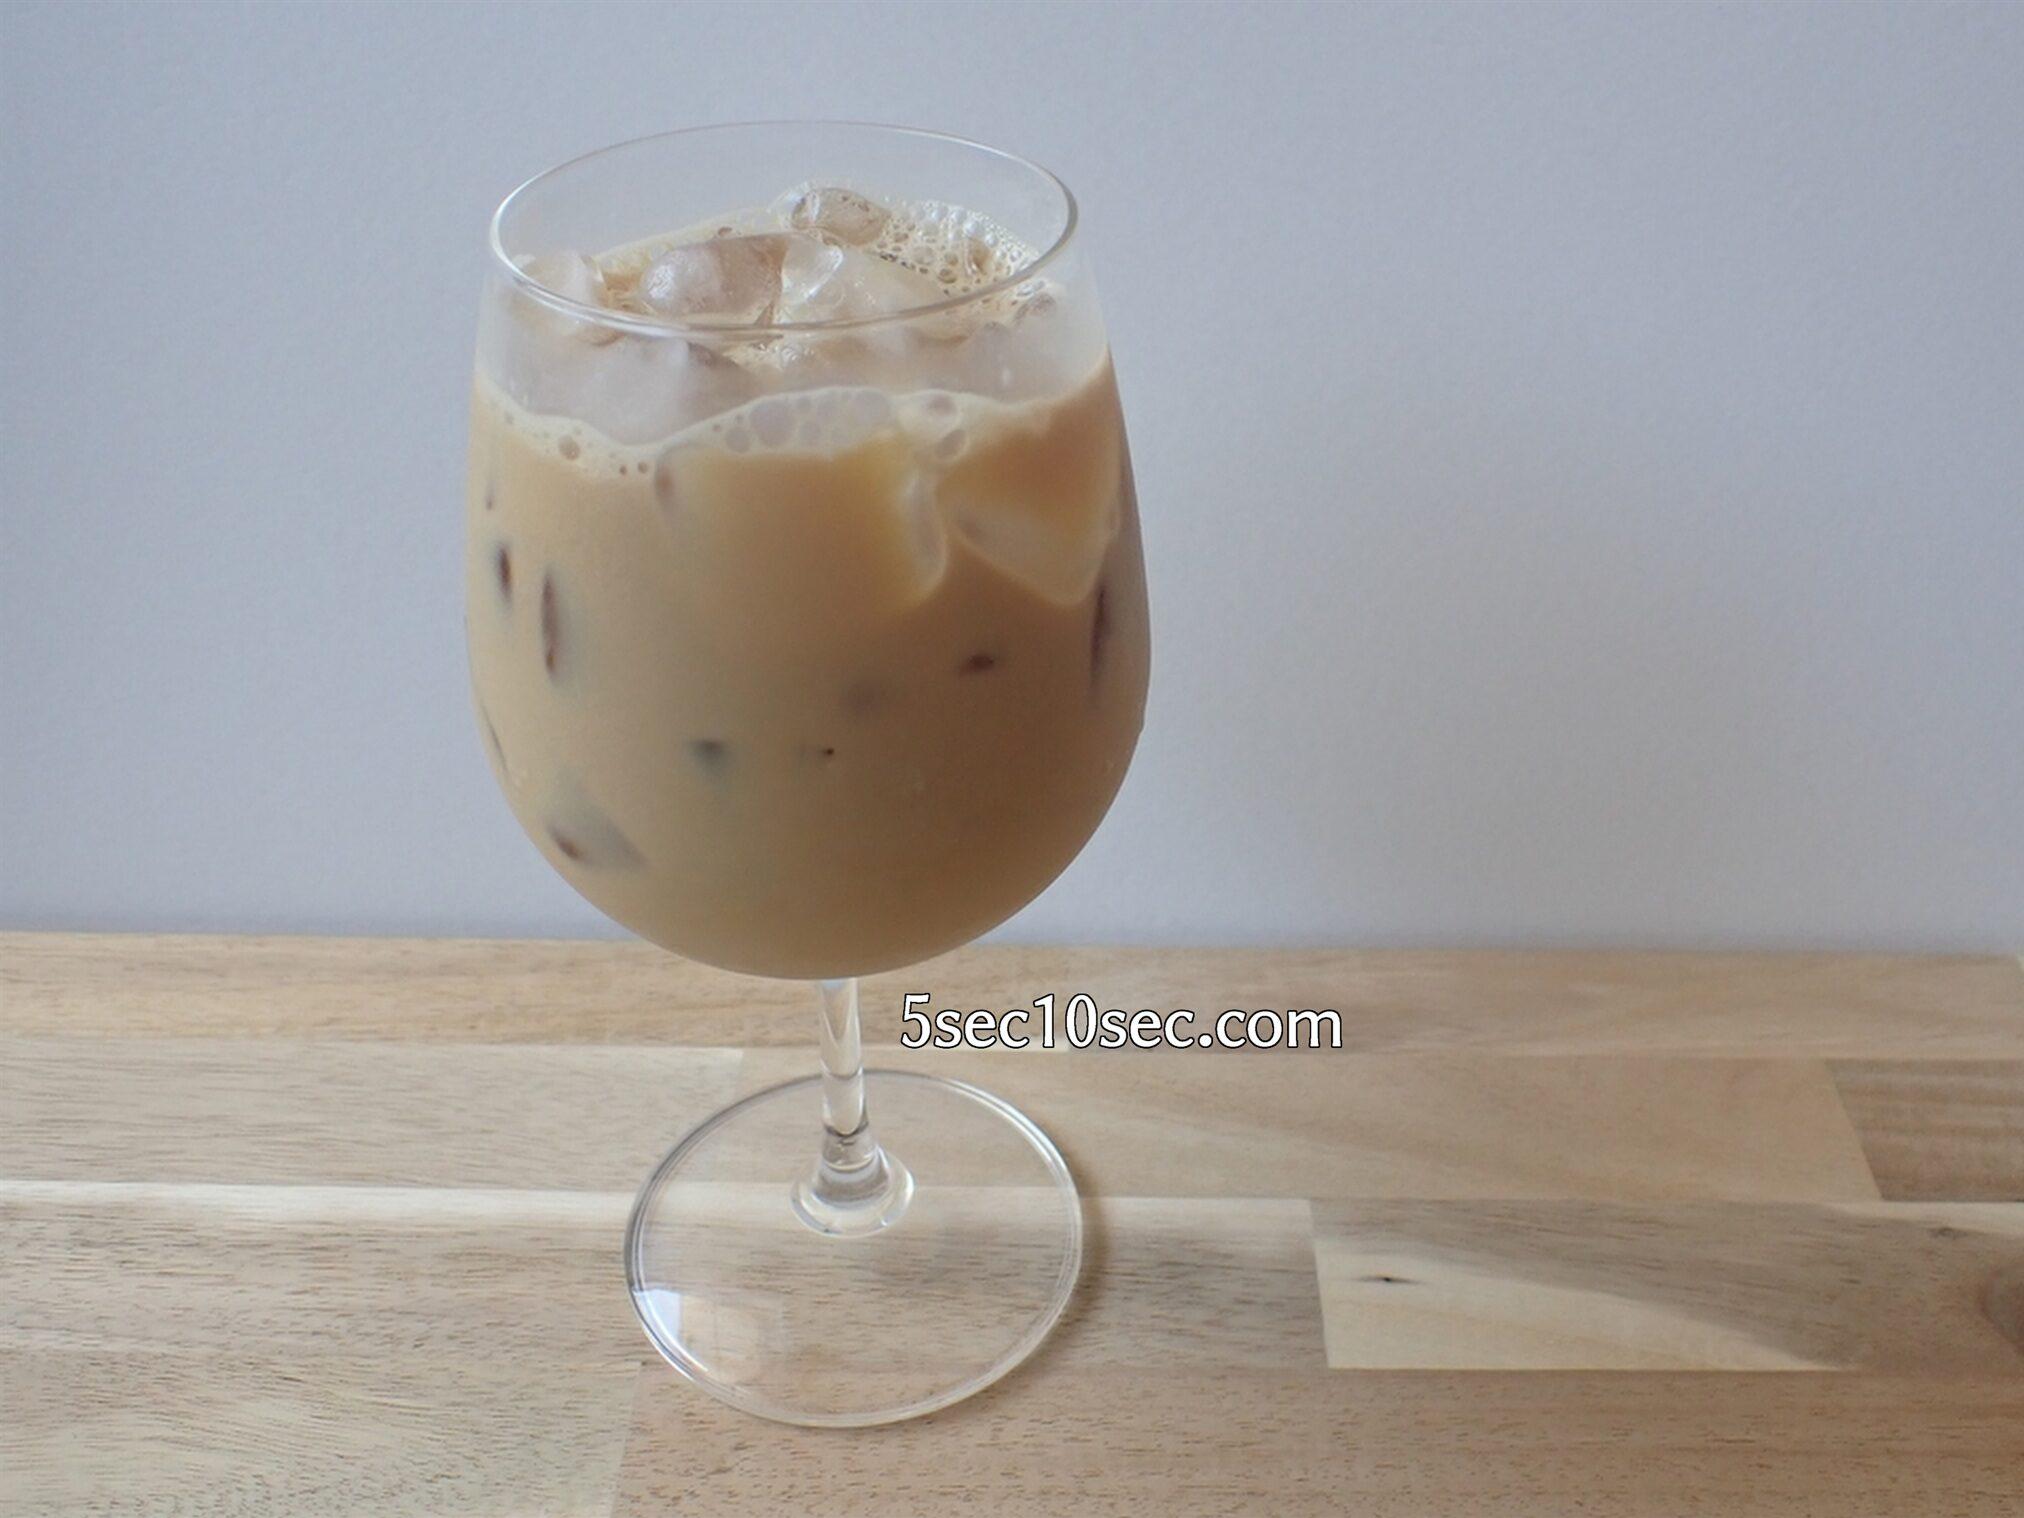 焼酎にコーヒーを溶かして氷を入れて最後に牛乳を注いで混ぜる